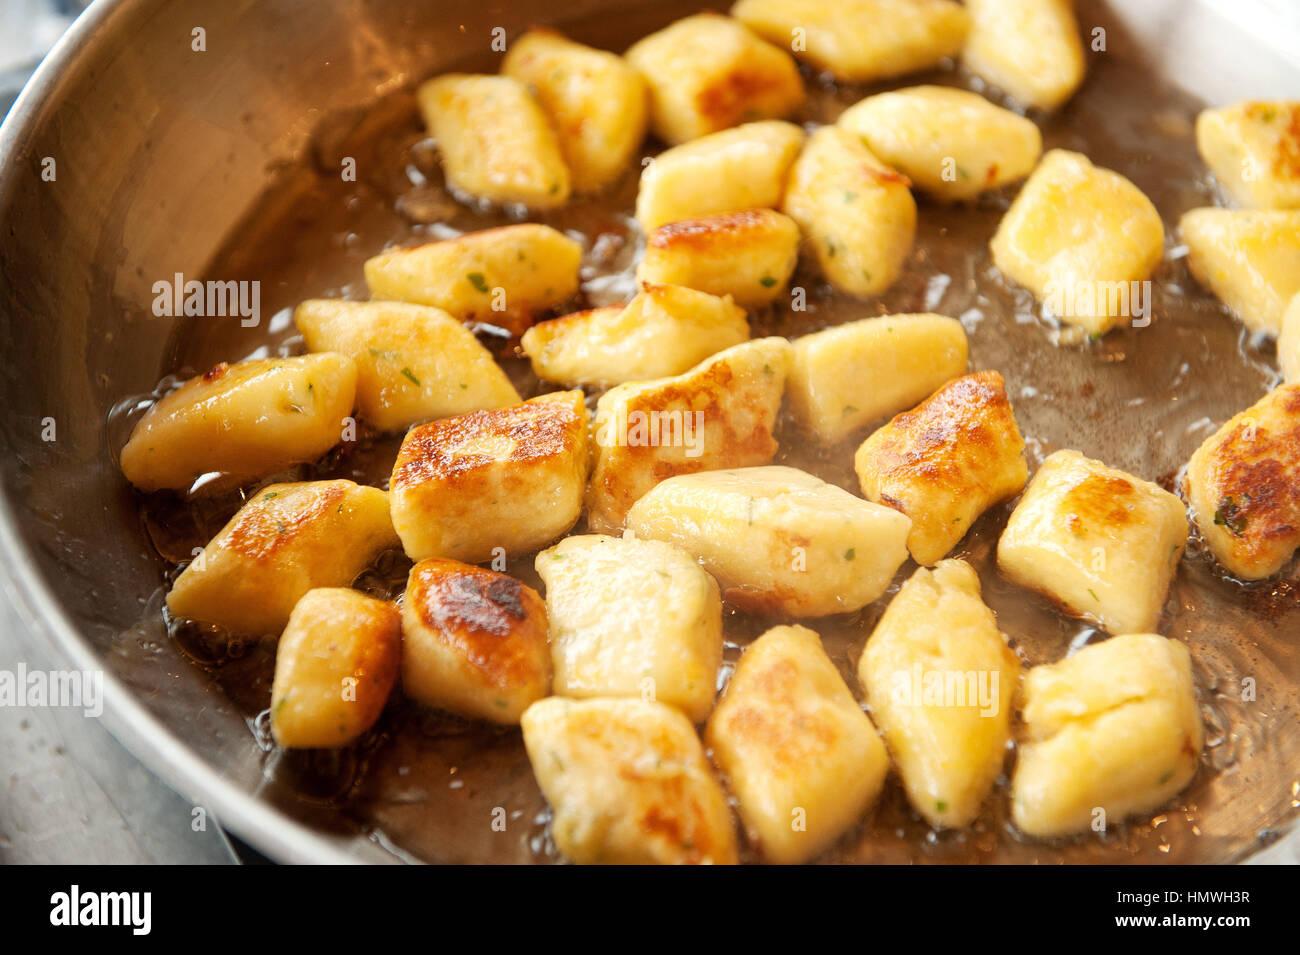 Gnocchi gnocchi soffriggere nel grasso di anatra in una padella pan. Gli gnocchi sono vari spessa, soffice pasta Immagini Stock